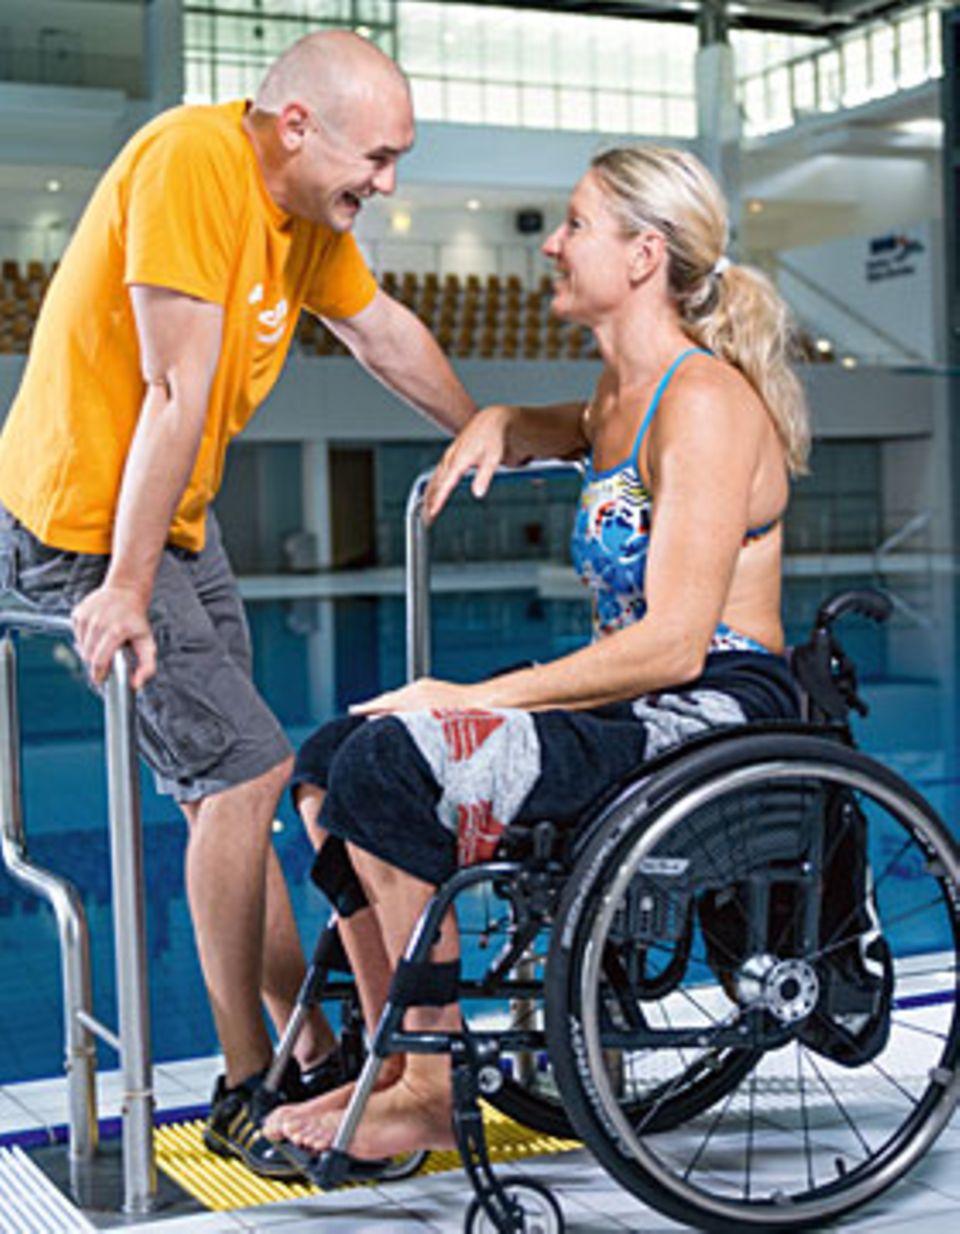 Auf Mitleid hat Kirsten Bruhn keine Lust. Das Wasser ist für sie wie eine Befreiung, dort spürt sie keine Schmerzen.